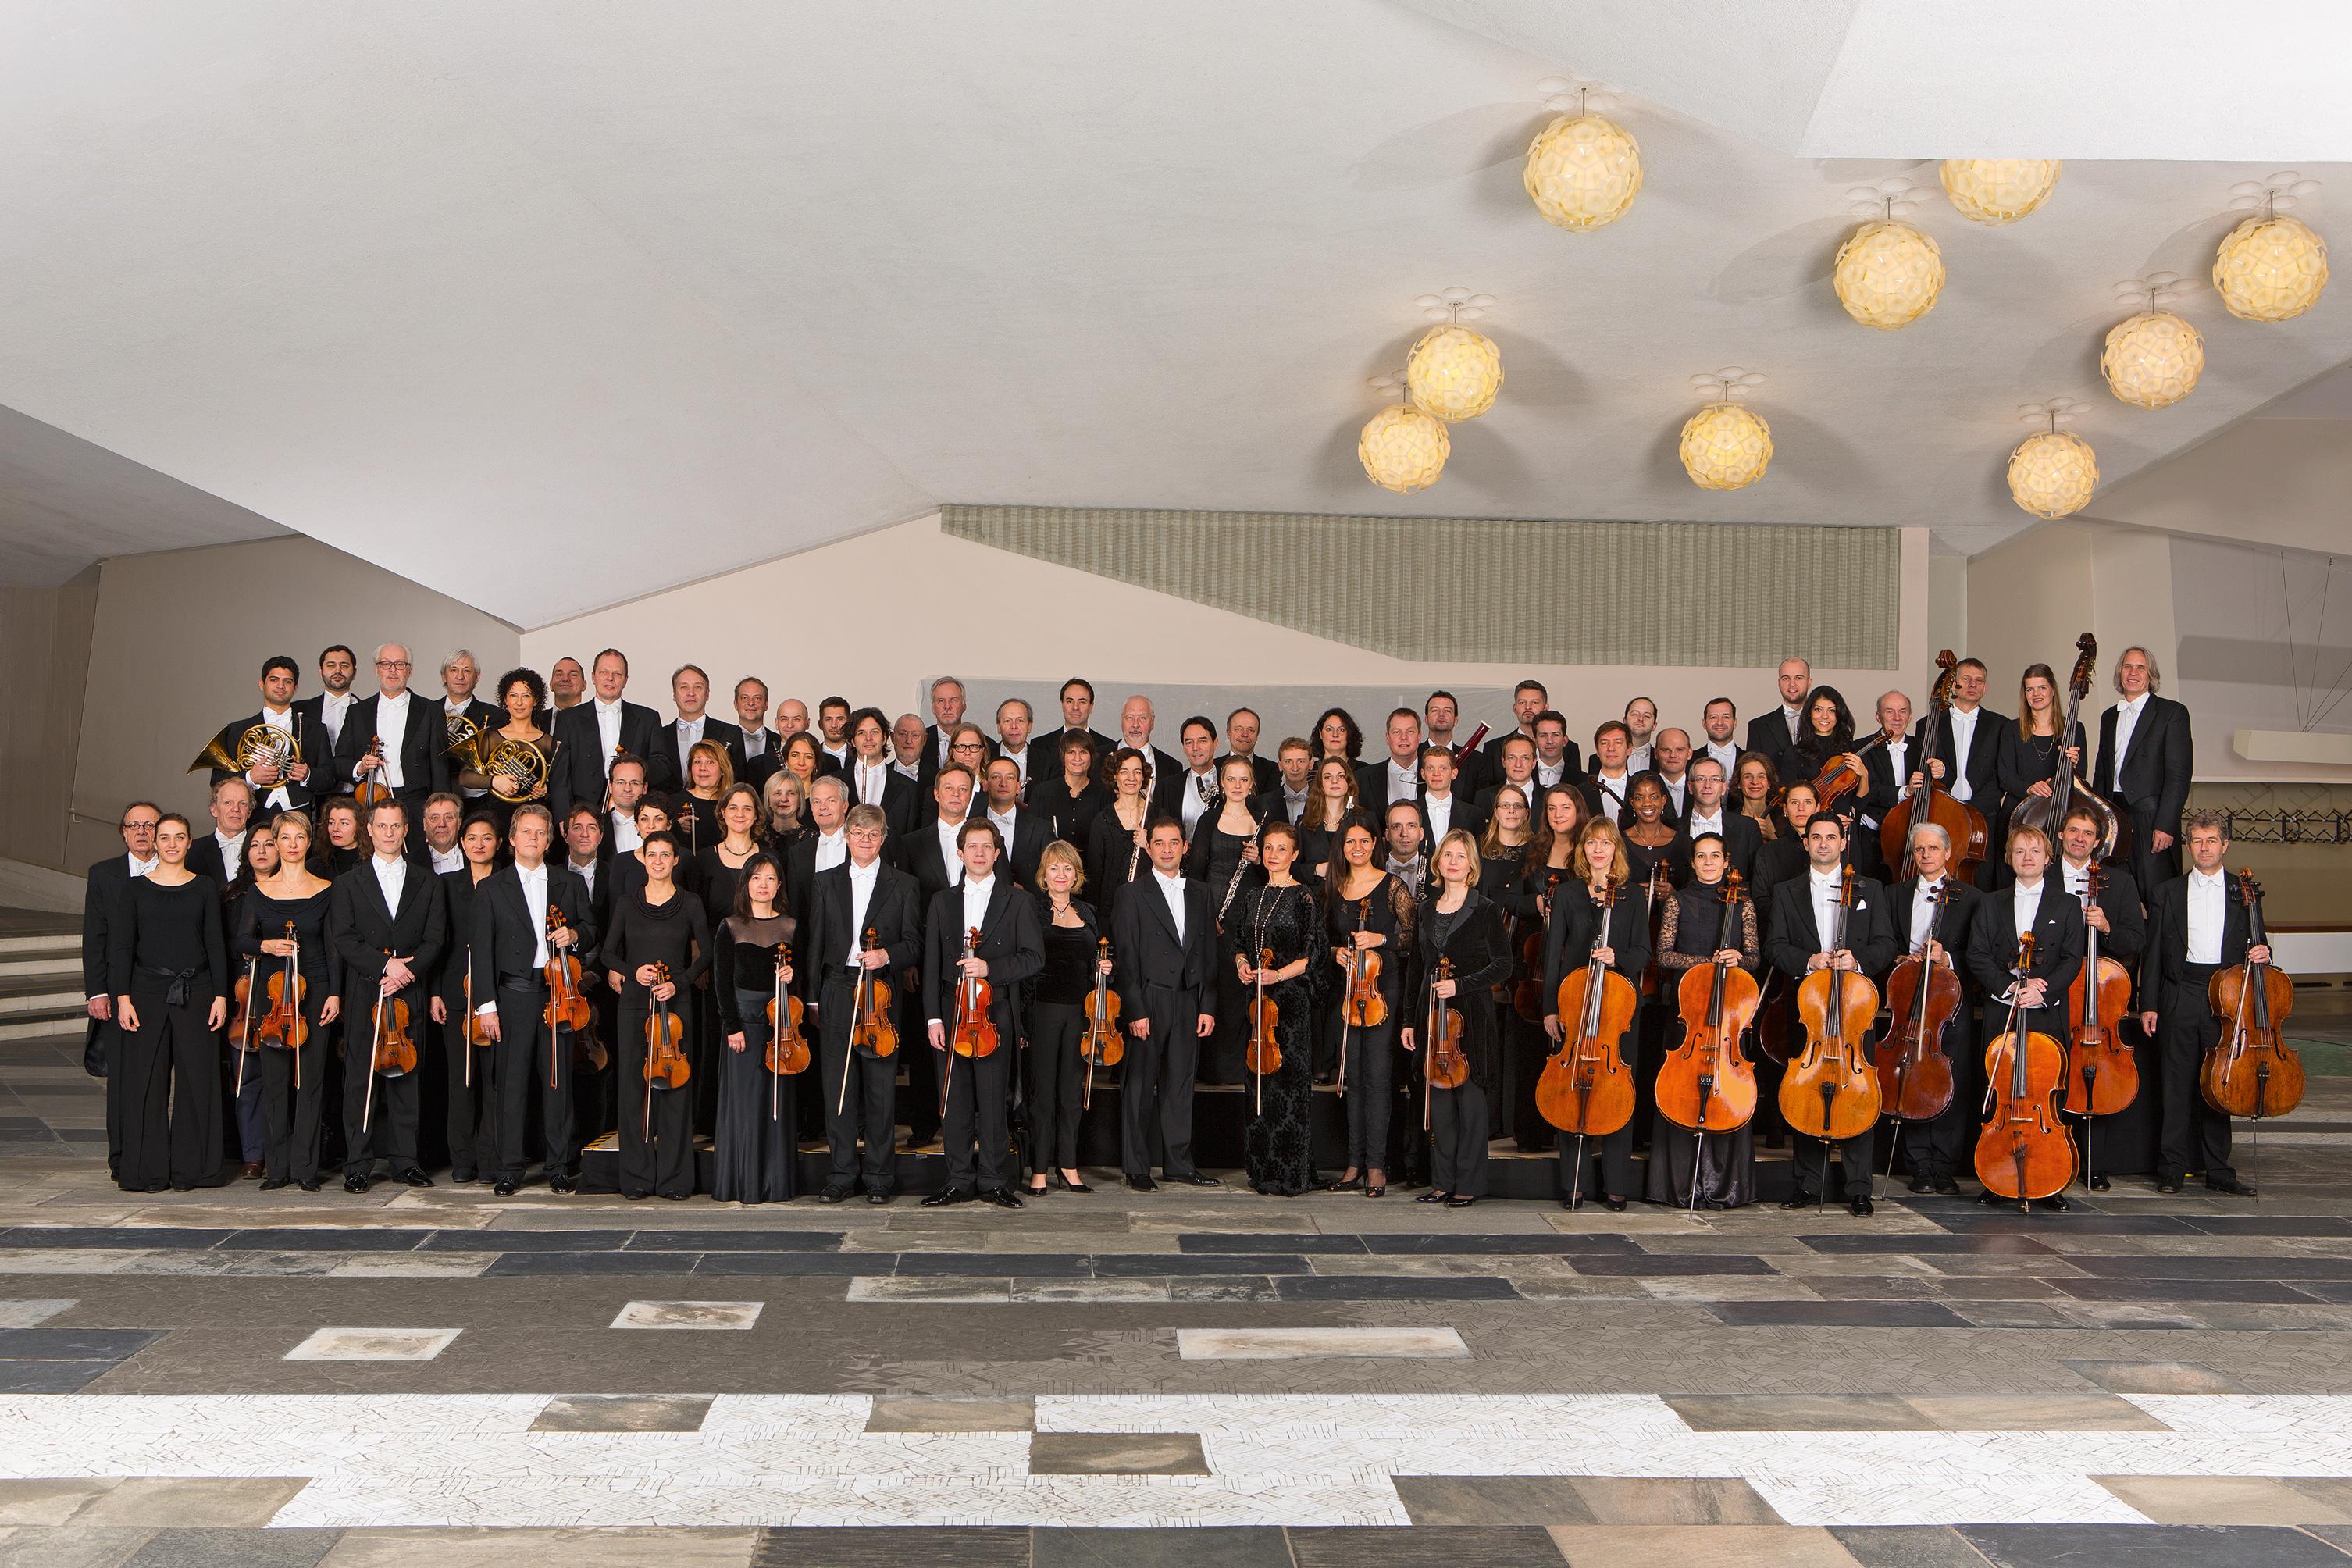 Deutsches Symphonie Orchester Berlin © Frank Eidel